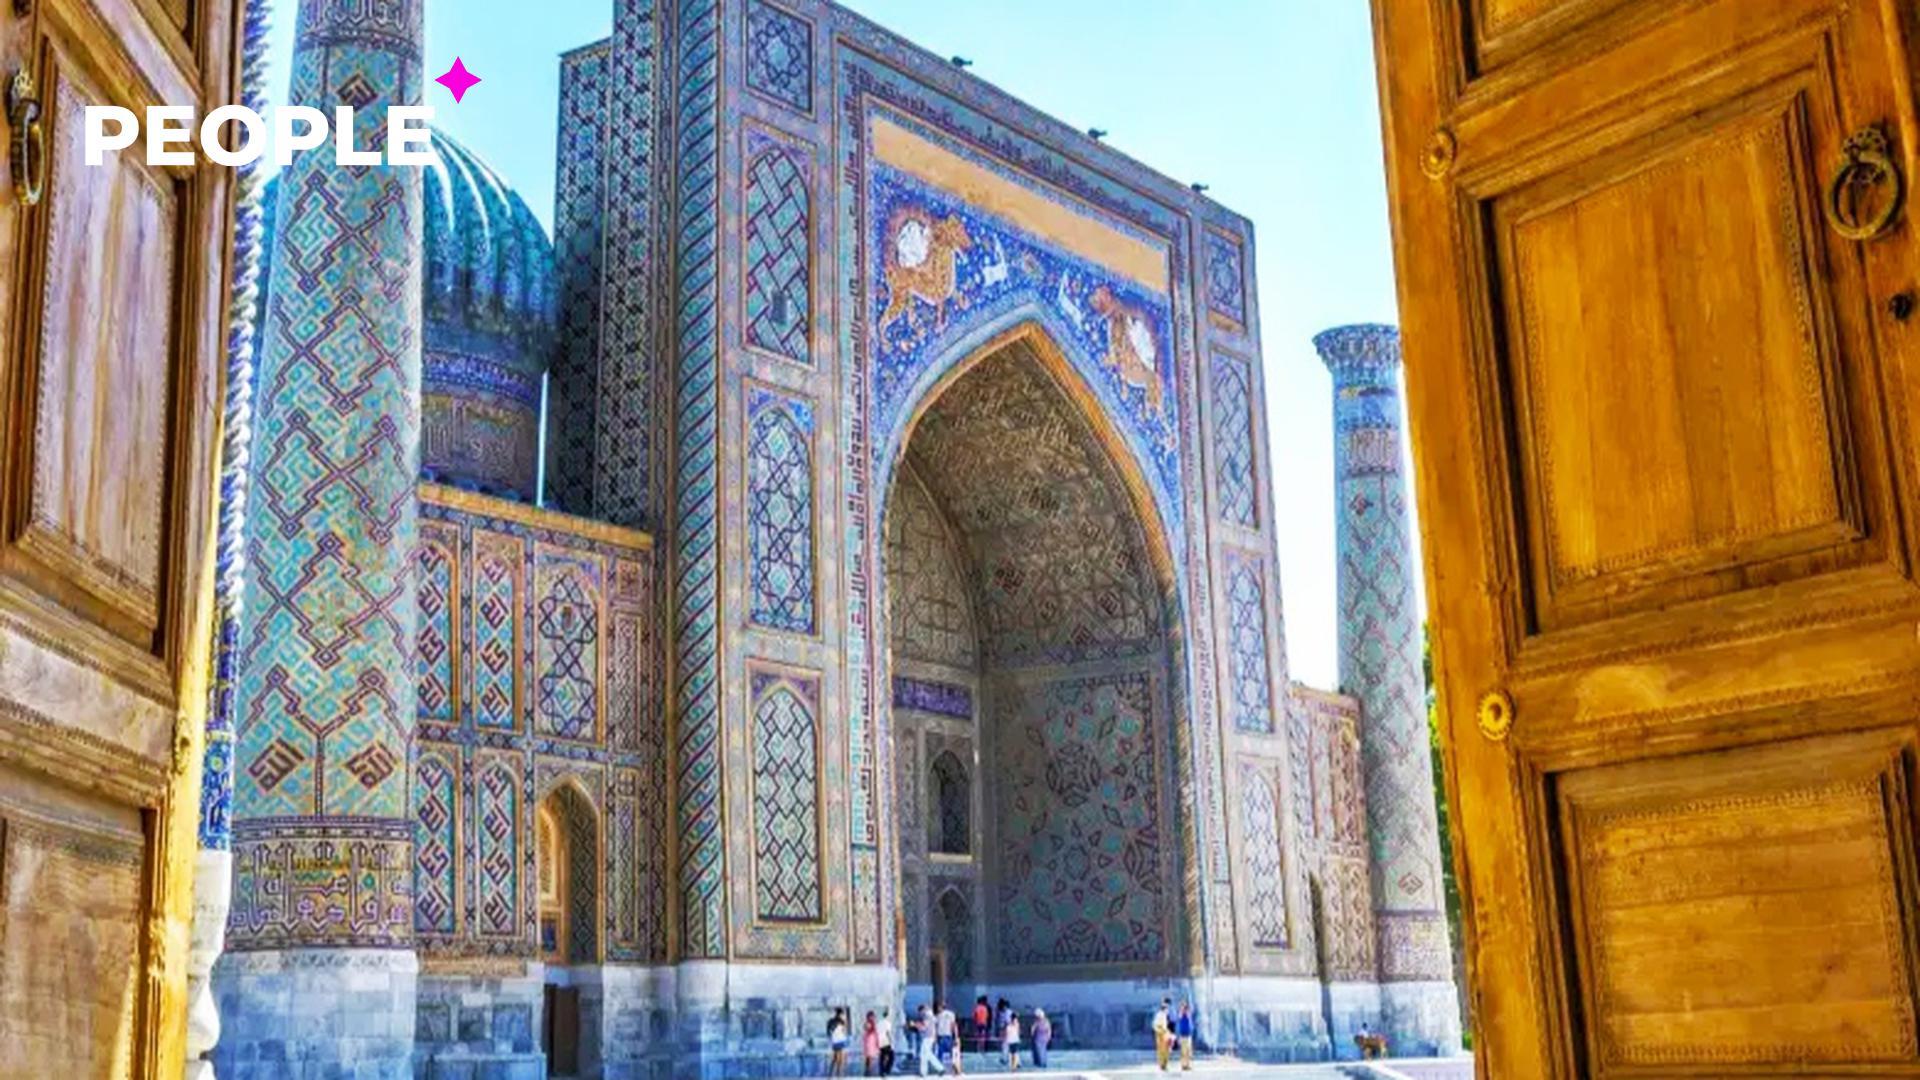 Узбекистан вошел топ-5 умопомрачительных мест для отдыха по версии The Times